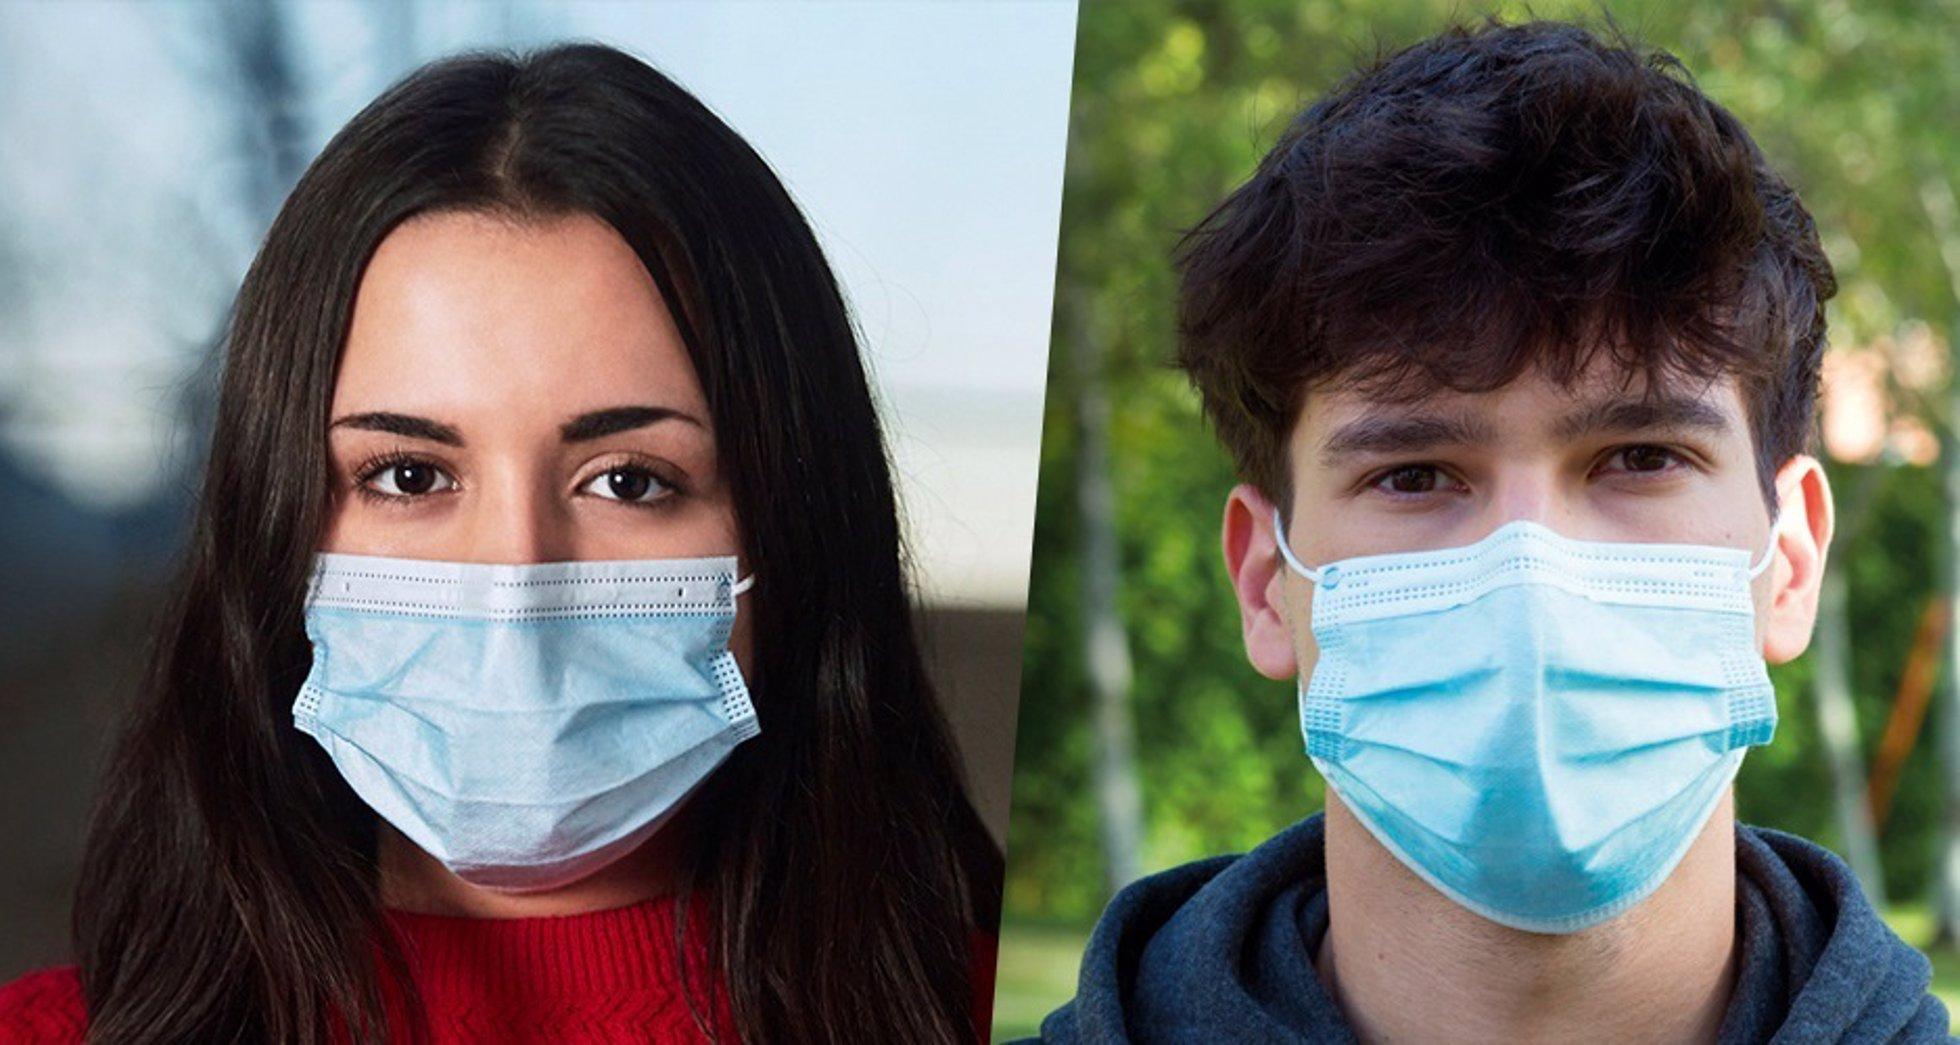 Archivo - El Ministerio de Sanidad lanza una campaña para reforzar la confianza en las vacunas entre los más jóvenes.